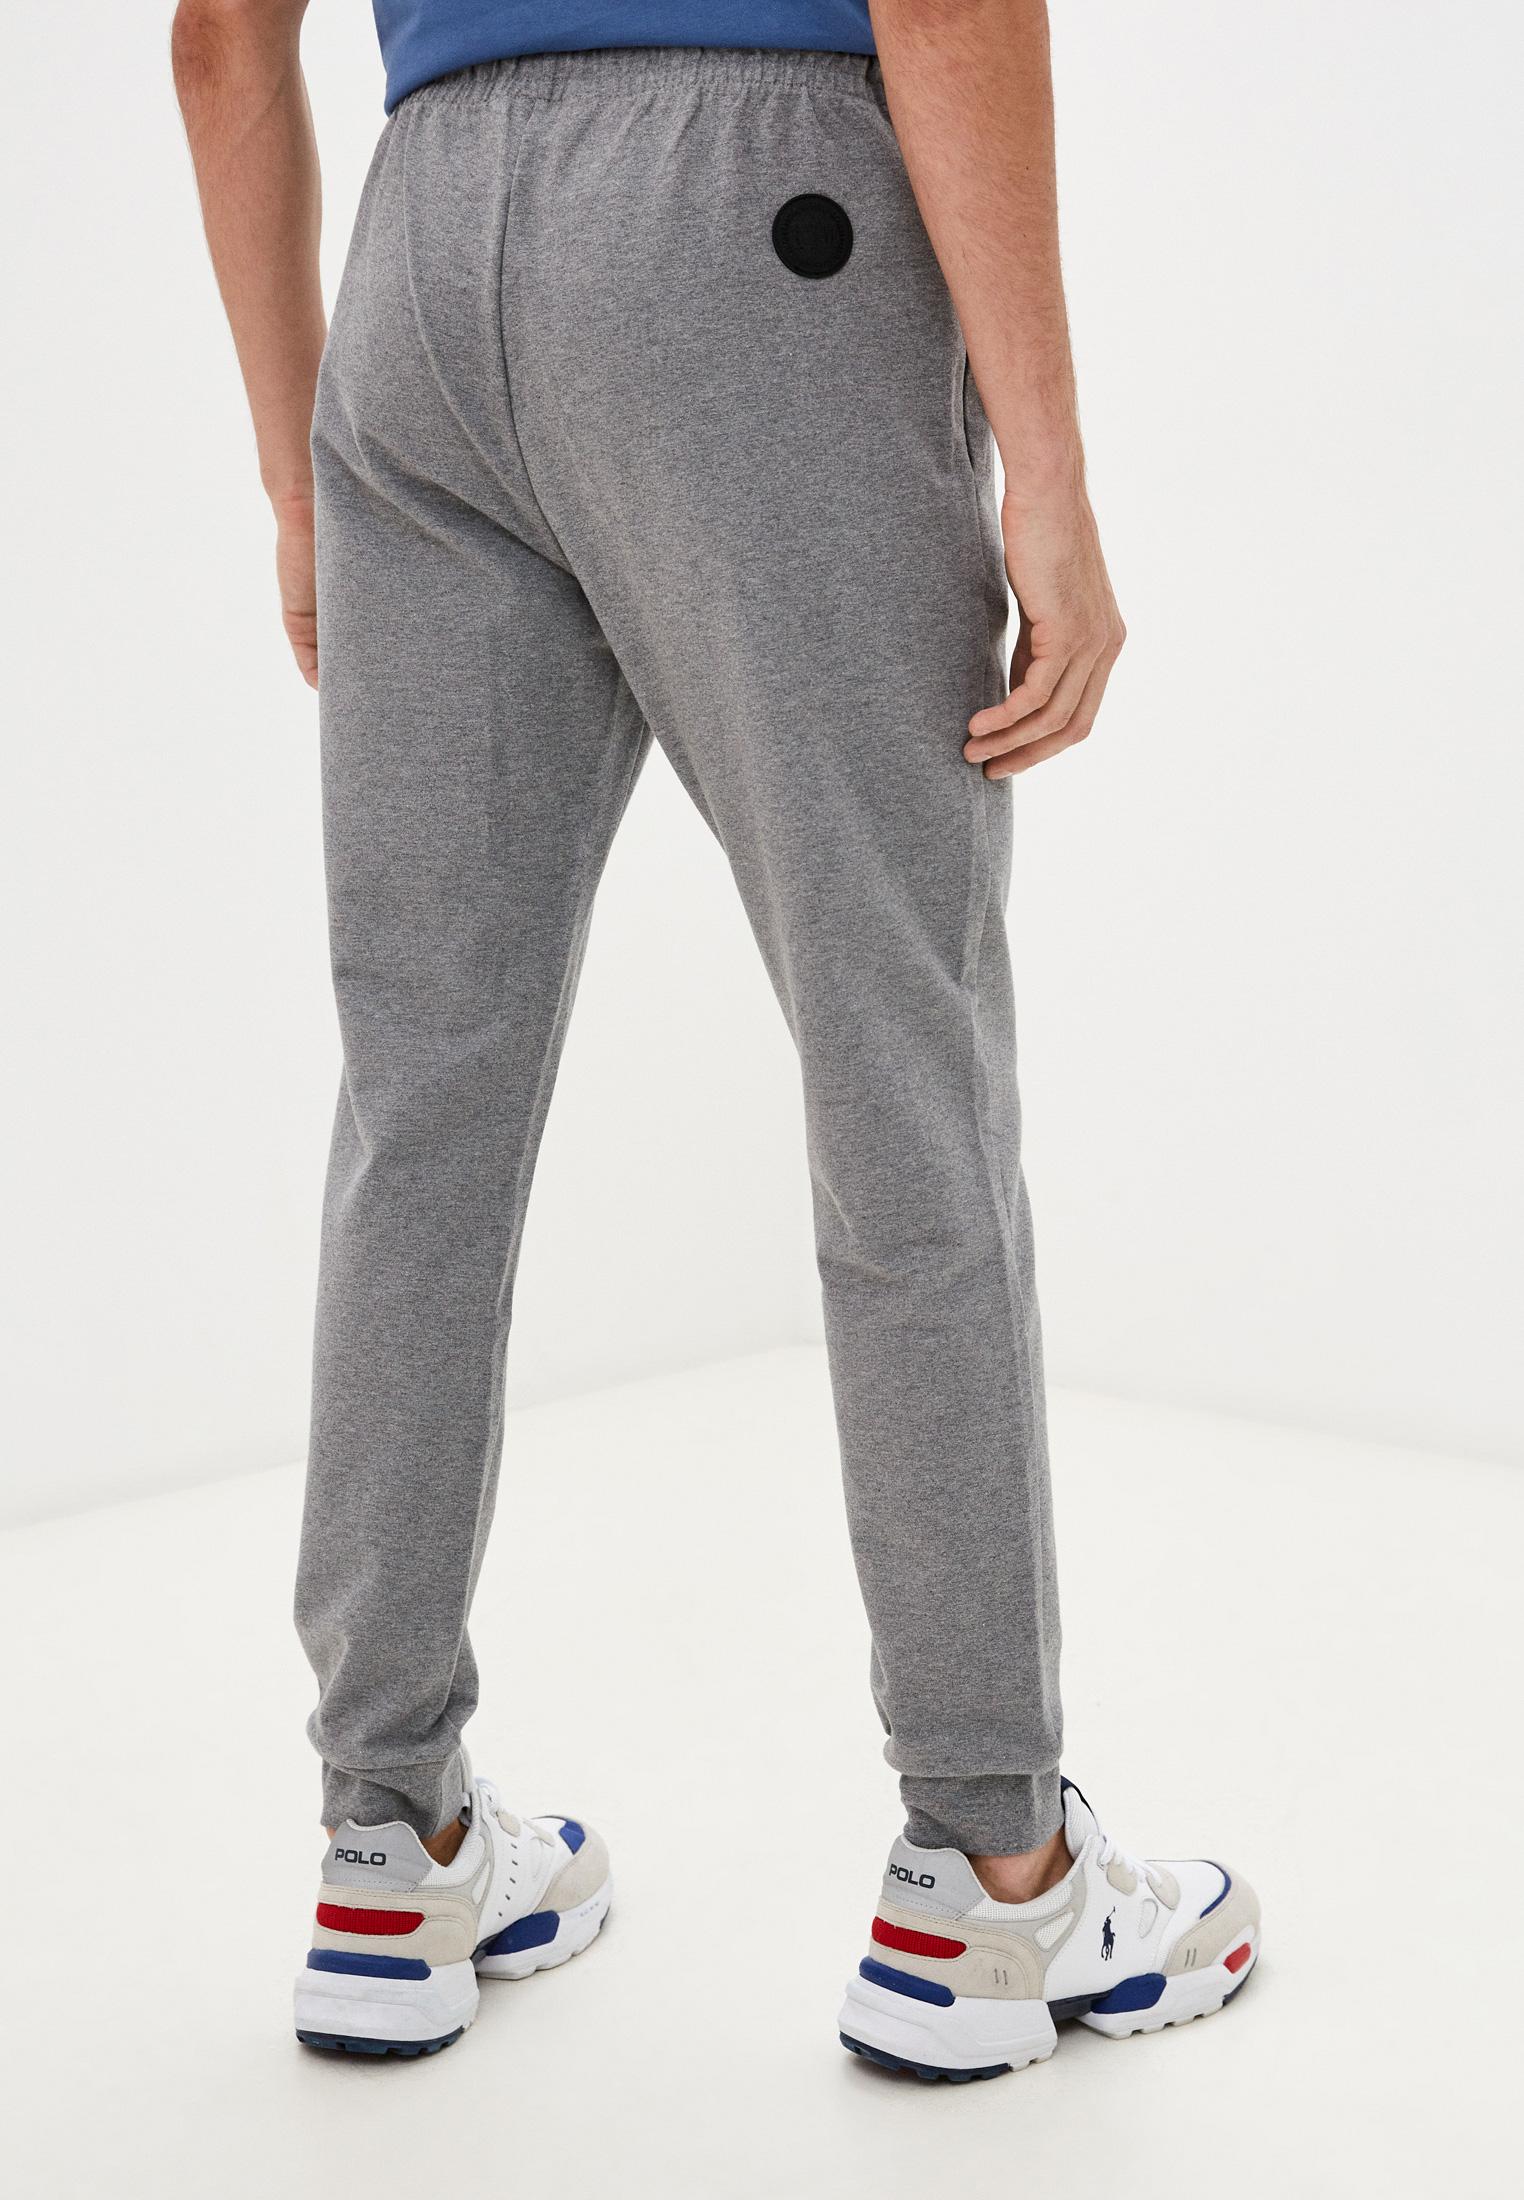 Мужские спортивные брюки Bikkembergs (Биккембергс) C 1 211 80 E 2276: изображение 4